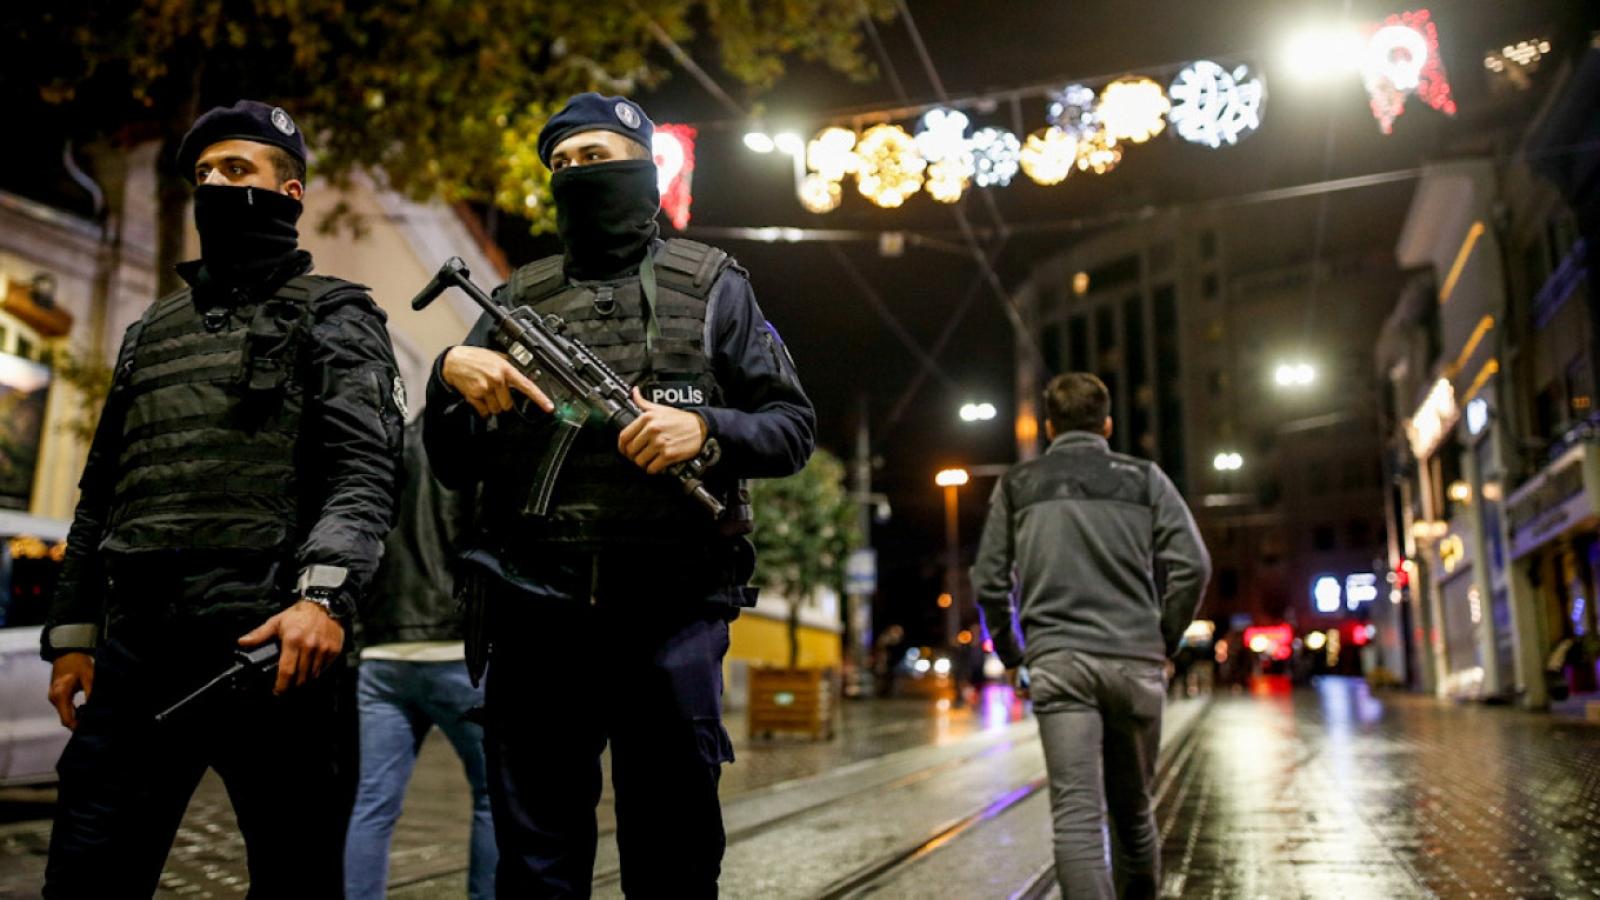 Thổ Nhĩ Kỳ thả 2 nhà báo Nga sau 4 ngày tạm giữ